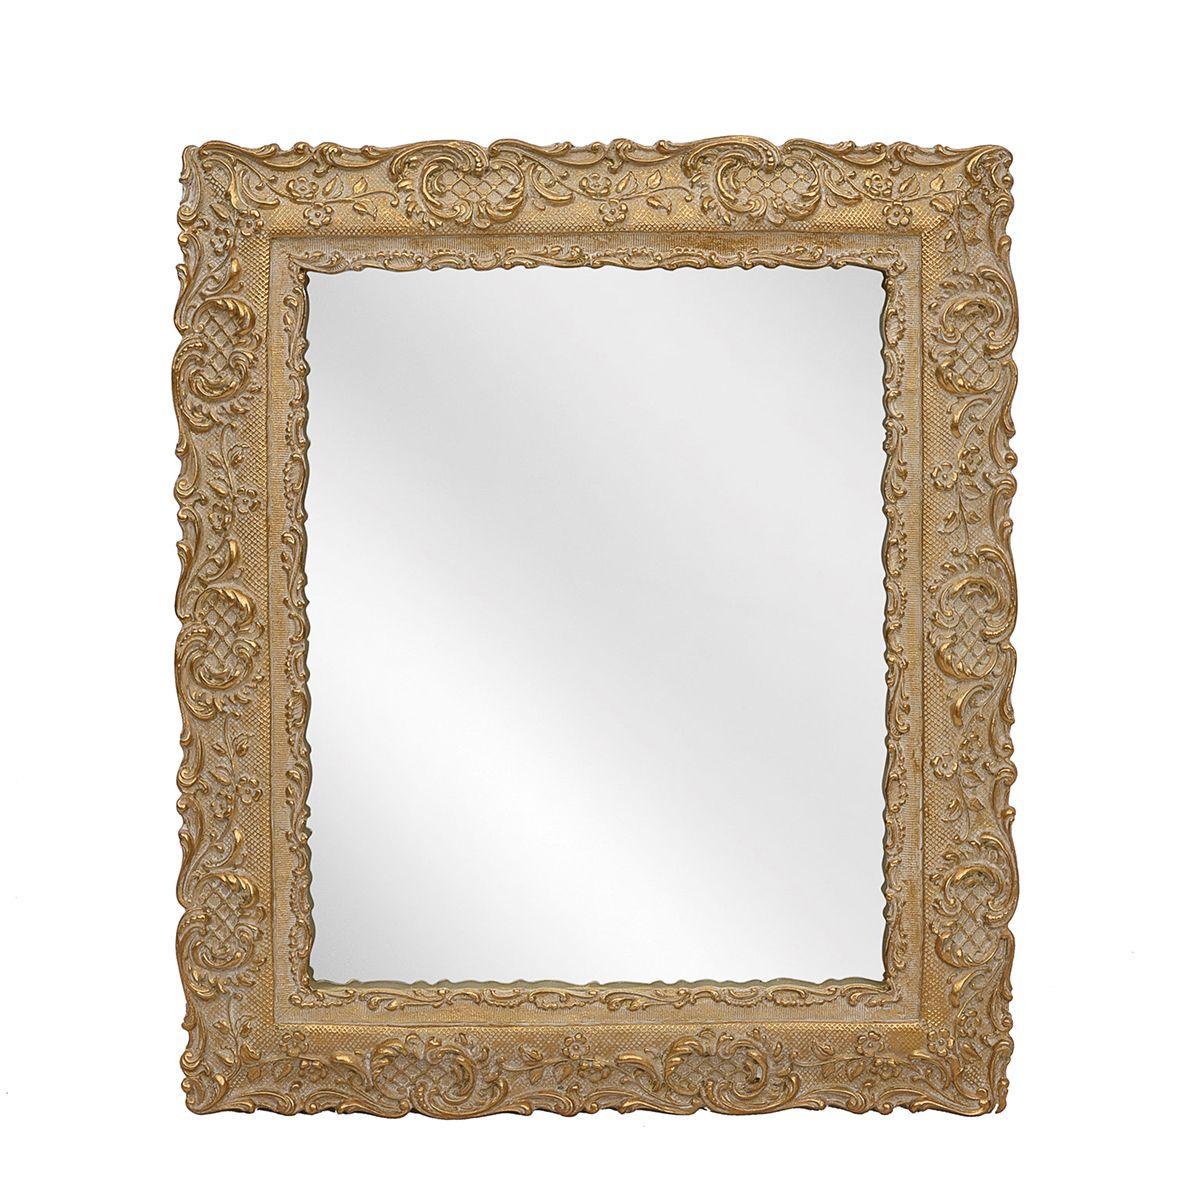 Зеркало в виде рамки для фото с акантовым орнаментом